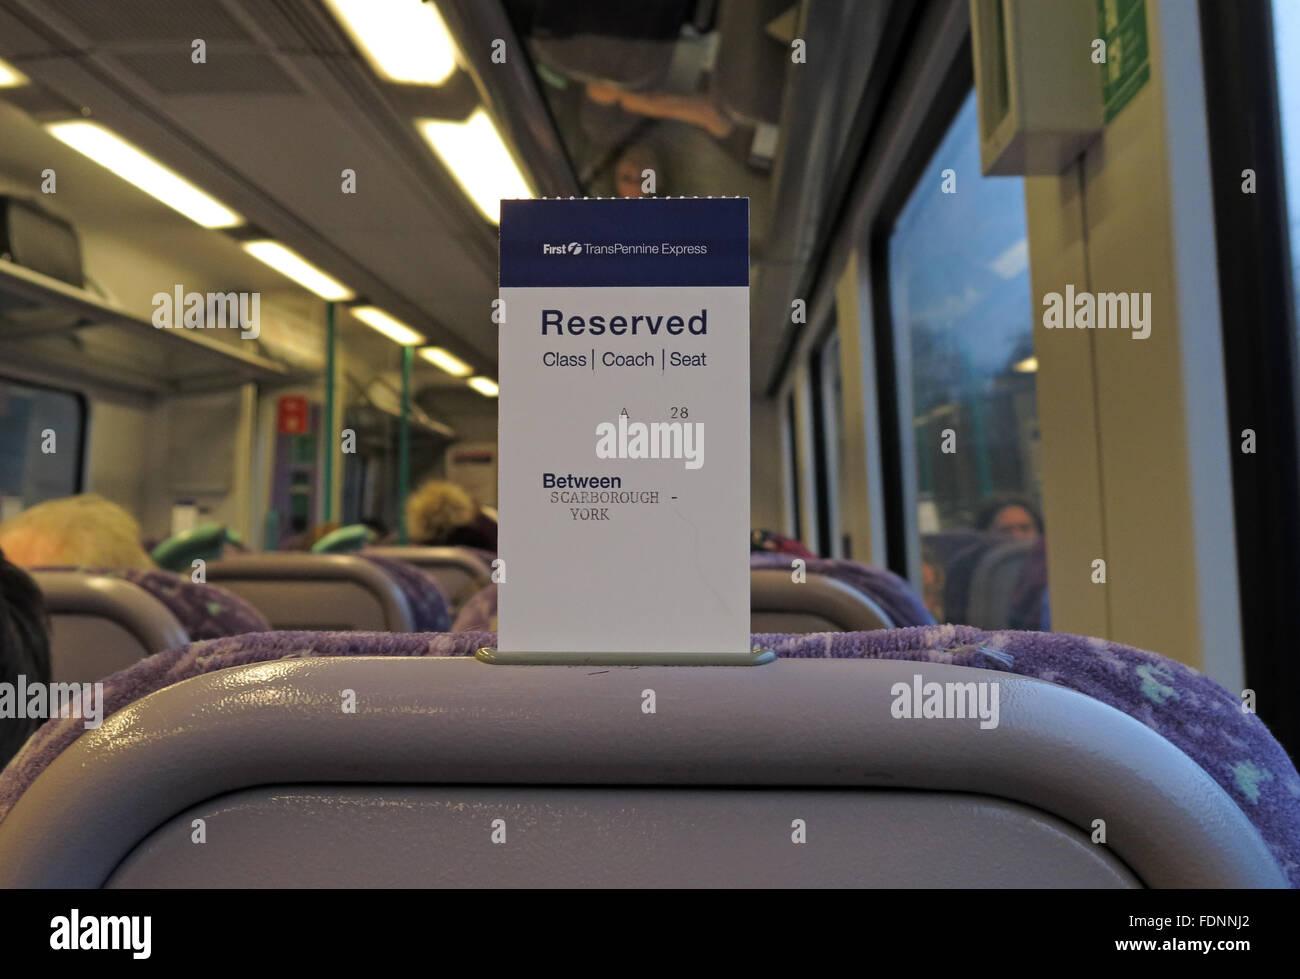 Laden Sie dieses Alamy Stockfoto Sitzplatzreservierung auf einem British Rail Seat, England, UK - FDNNJ2